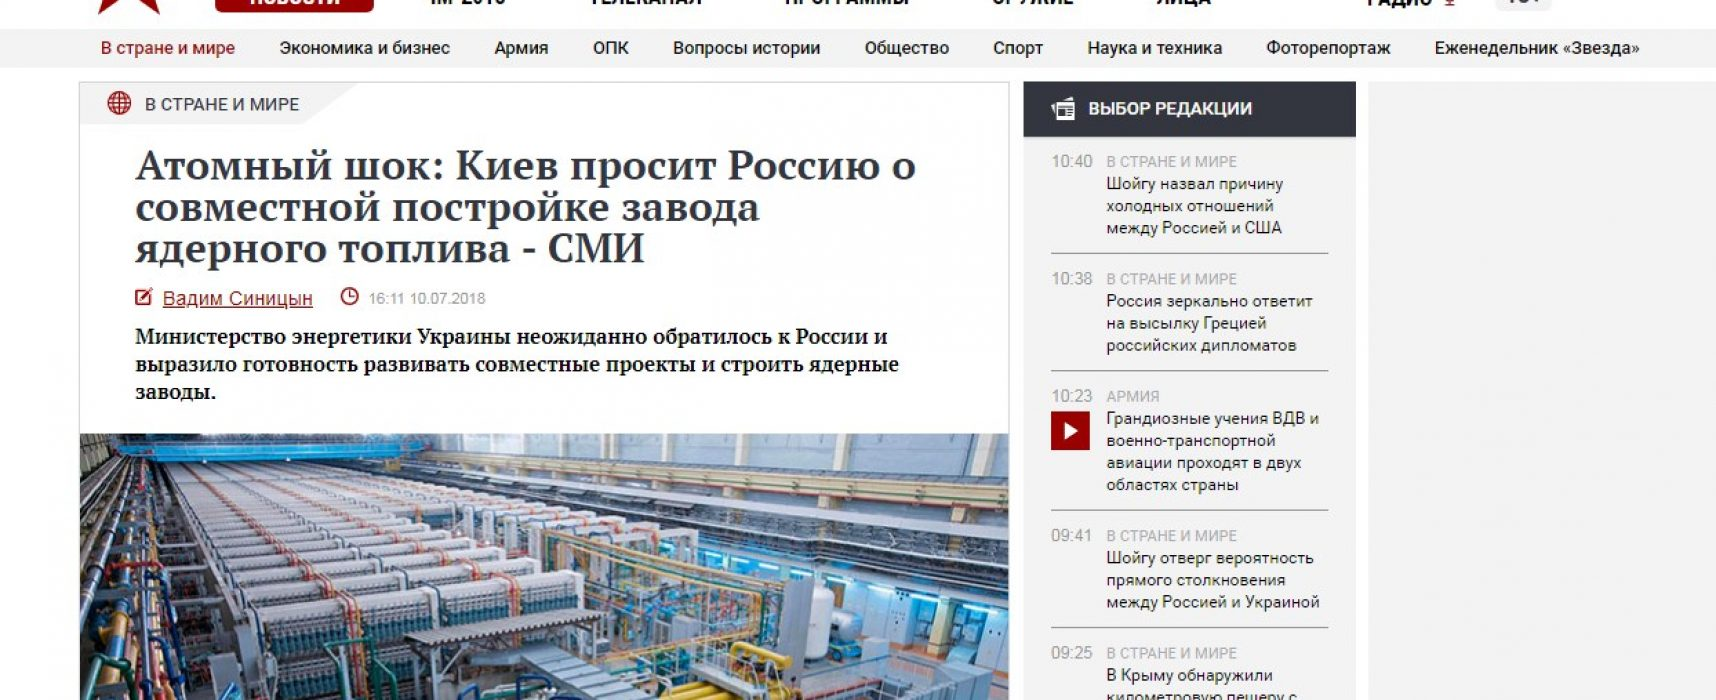 Фейк: Украина просит Россию о возобновлении сотрудничества в сфере ядерной энергетики